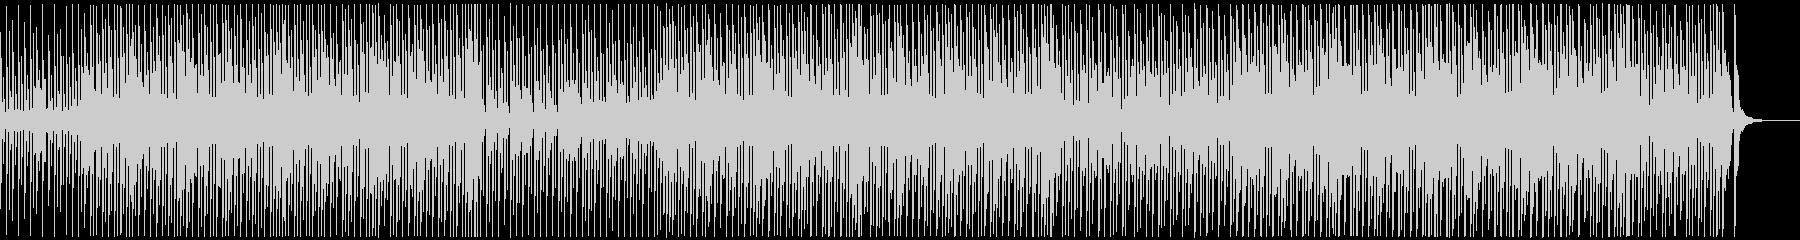 CM、チープ感がオシャレ可愛いロックの未再生の波形